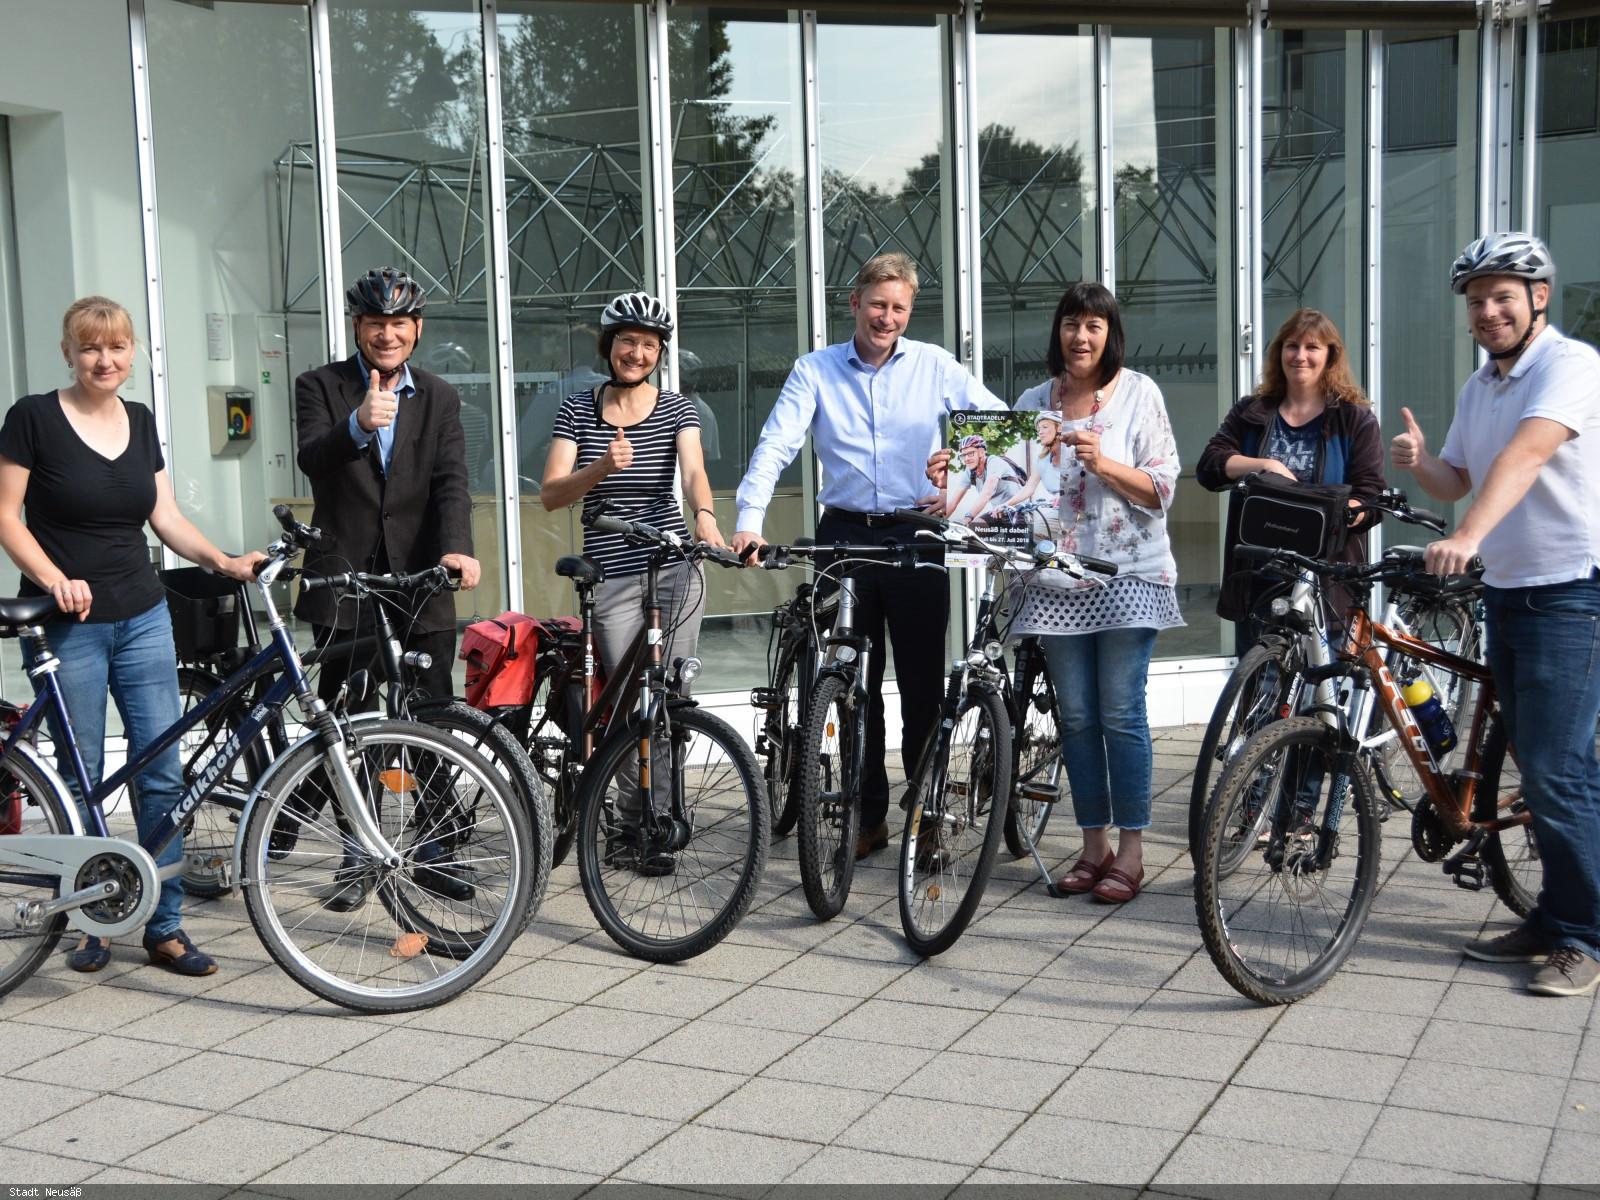 Erster Bürgermeister Richard Greiner (mitte) und seine Mitarbeiterinnen und Mitarbeiter freuen sich auf die Aktion STADTRADELN in Neusäß.